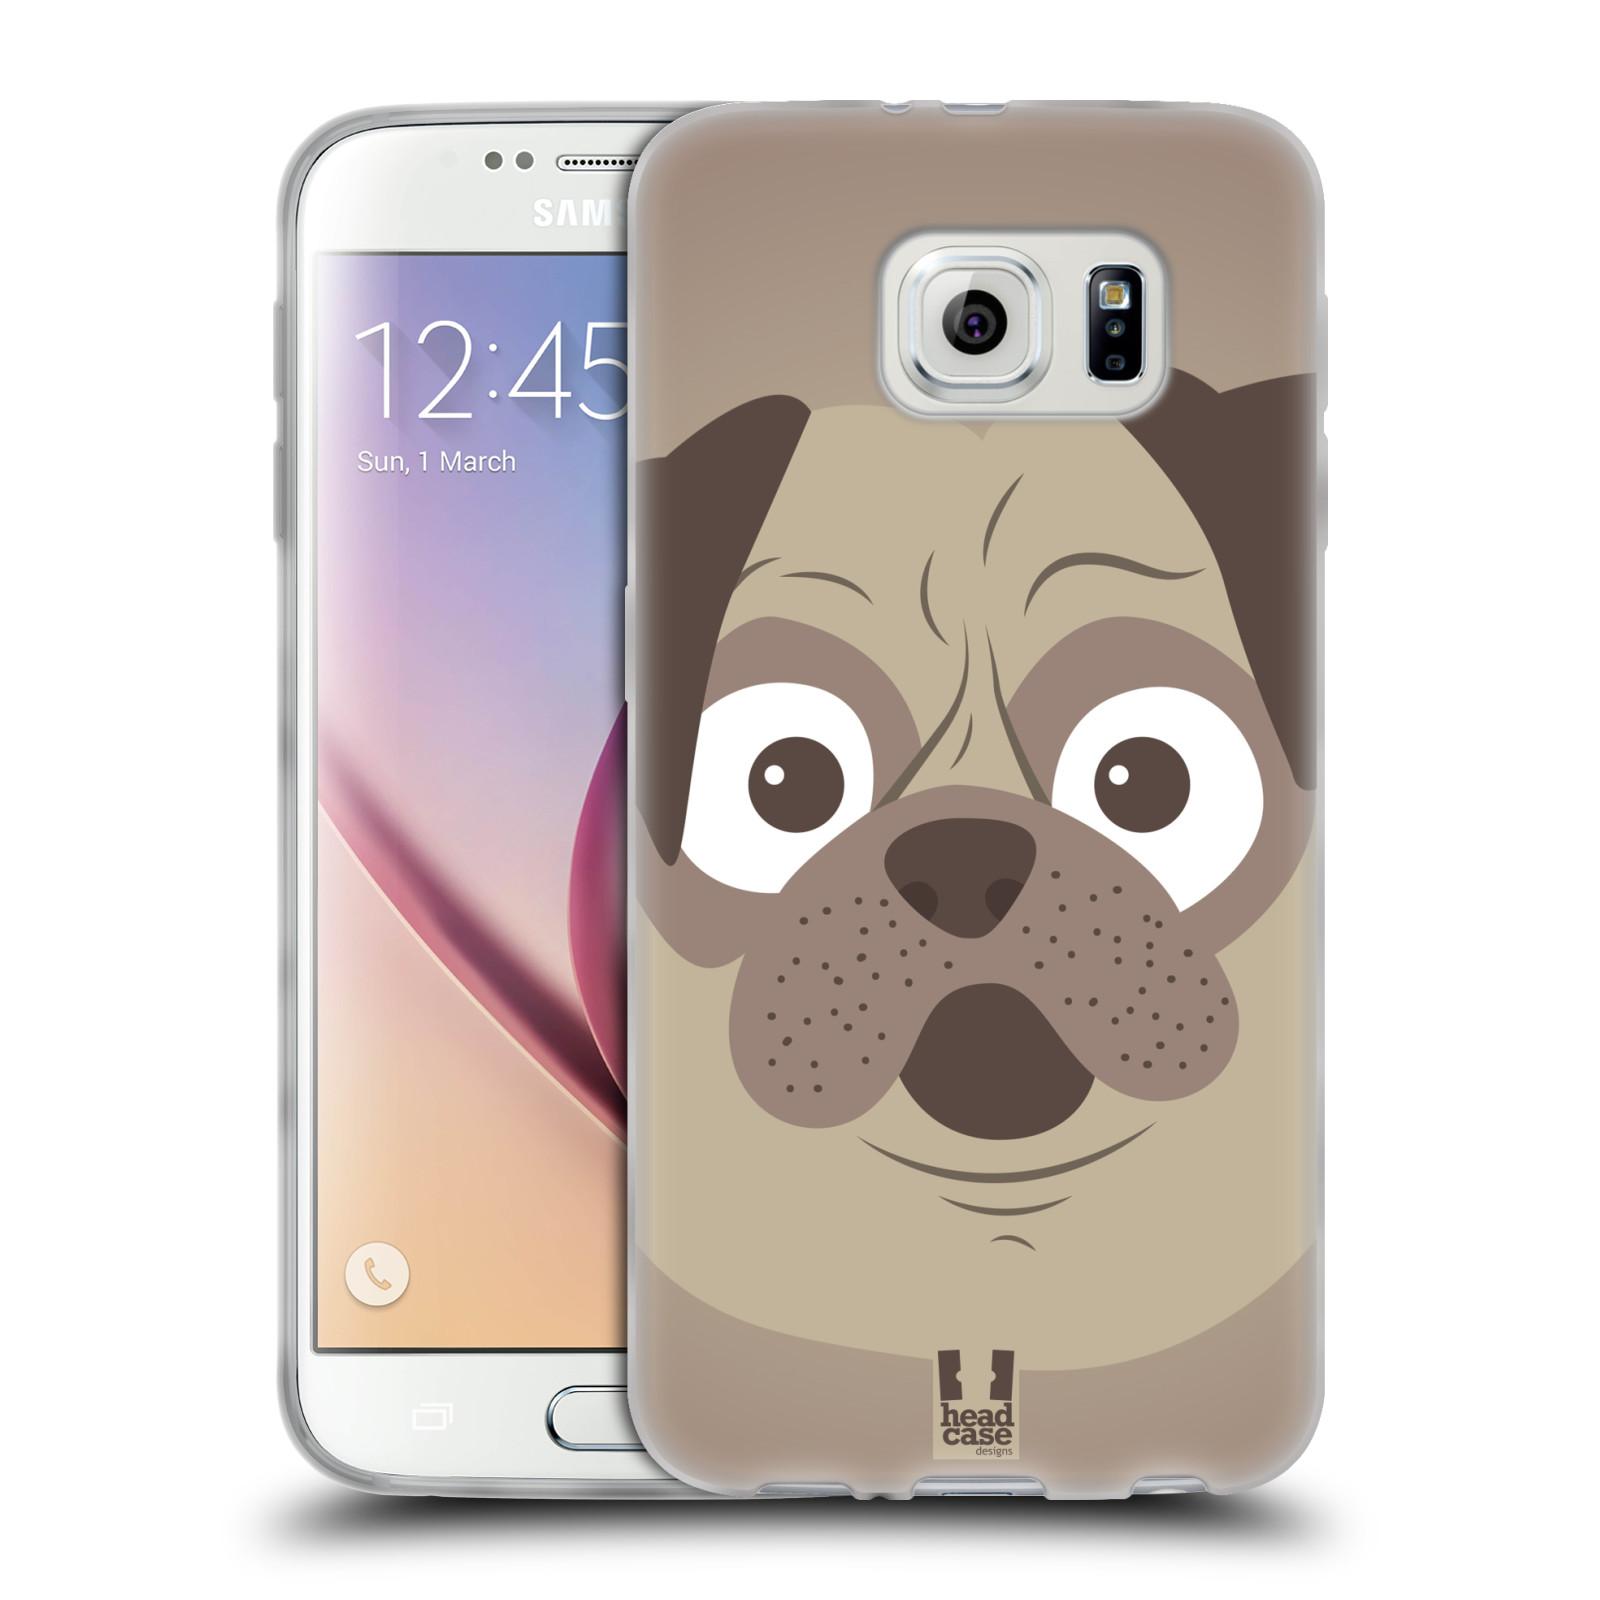 HEAD CASE silikonový obal na mobil Samsung Galaxy S6 vzor Cartoon Karikatura barevná kreslená zvířátka pes mopsík